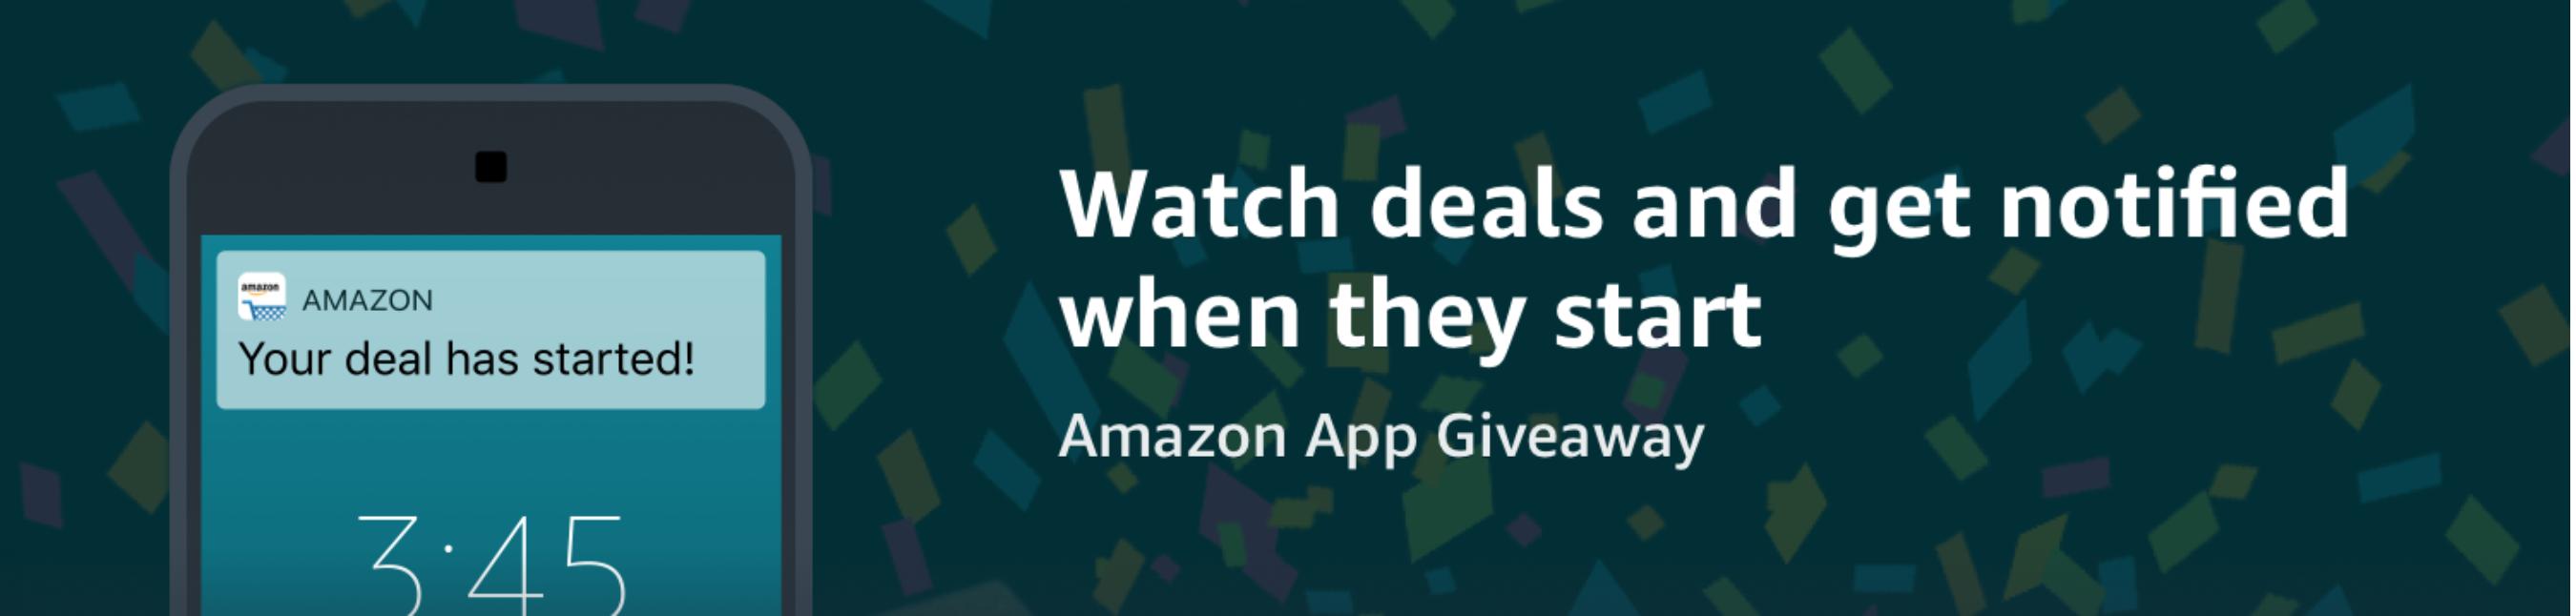 Amazon Aopp